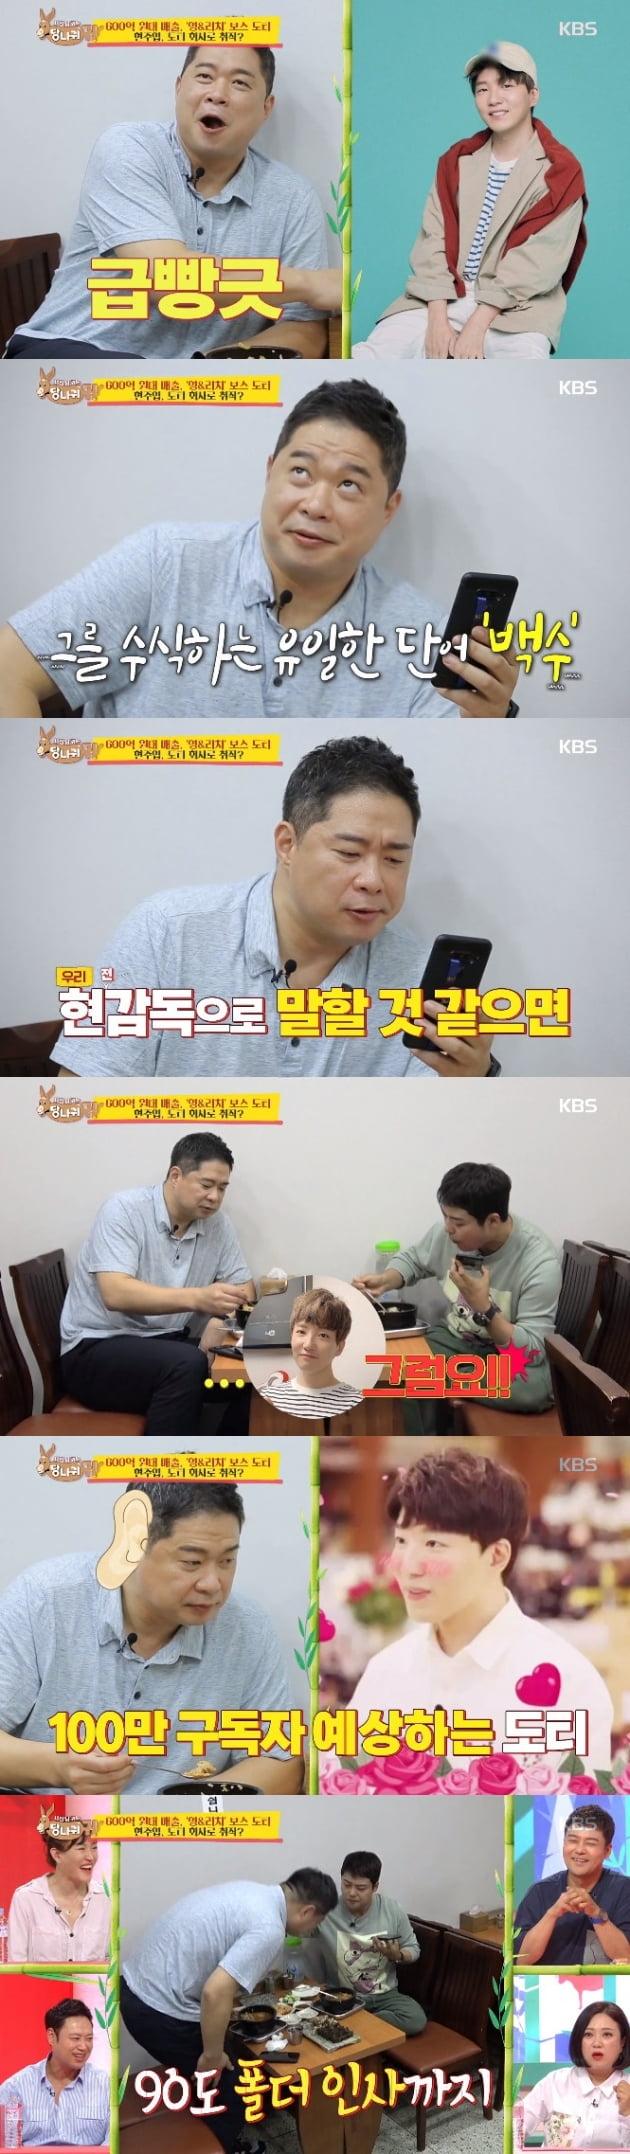 '사장님 귀는 당나귀 귀' 현주엽 / 사진 = KBS 영상 캡처